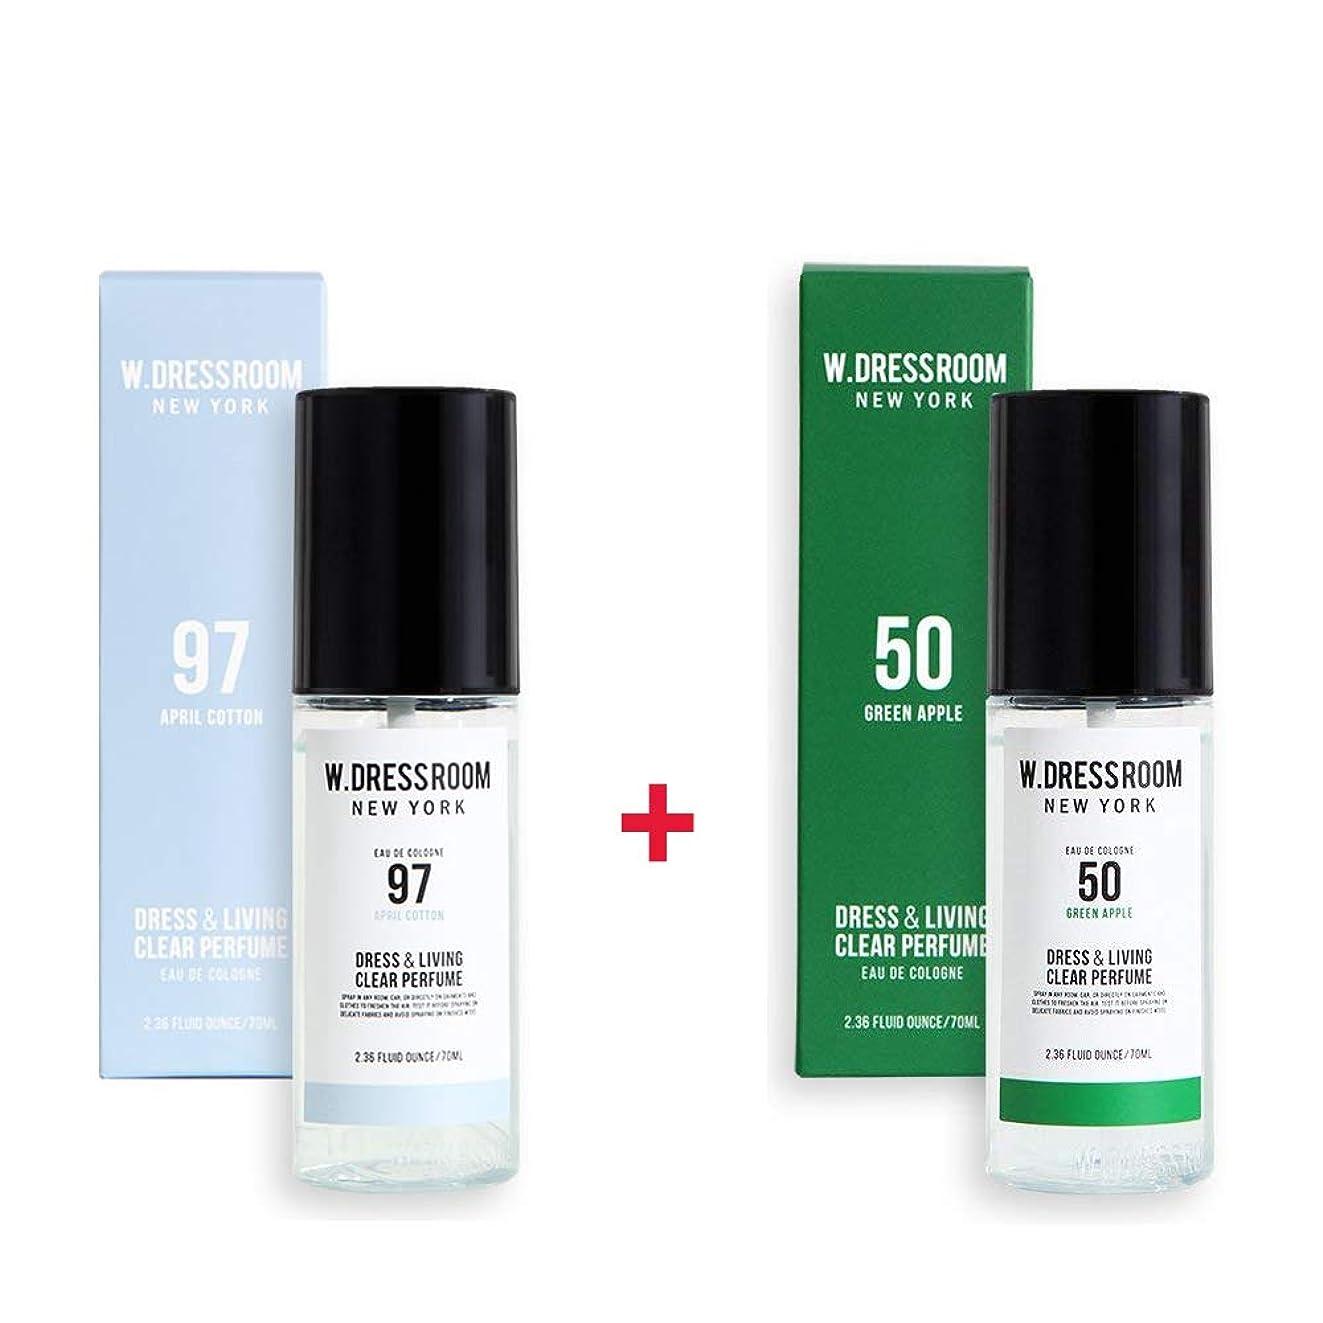 農業の評価インキュバスW.DRESSROOM Dress & Living Clear Perfume 70ml (No 97 April Cotton)+(No 50 Green Apple)